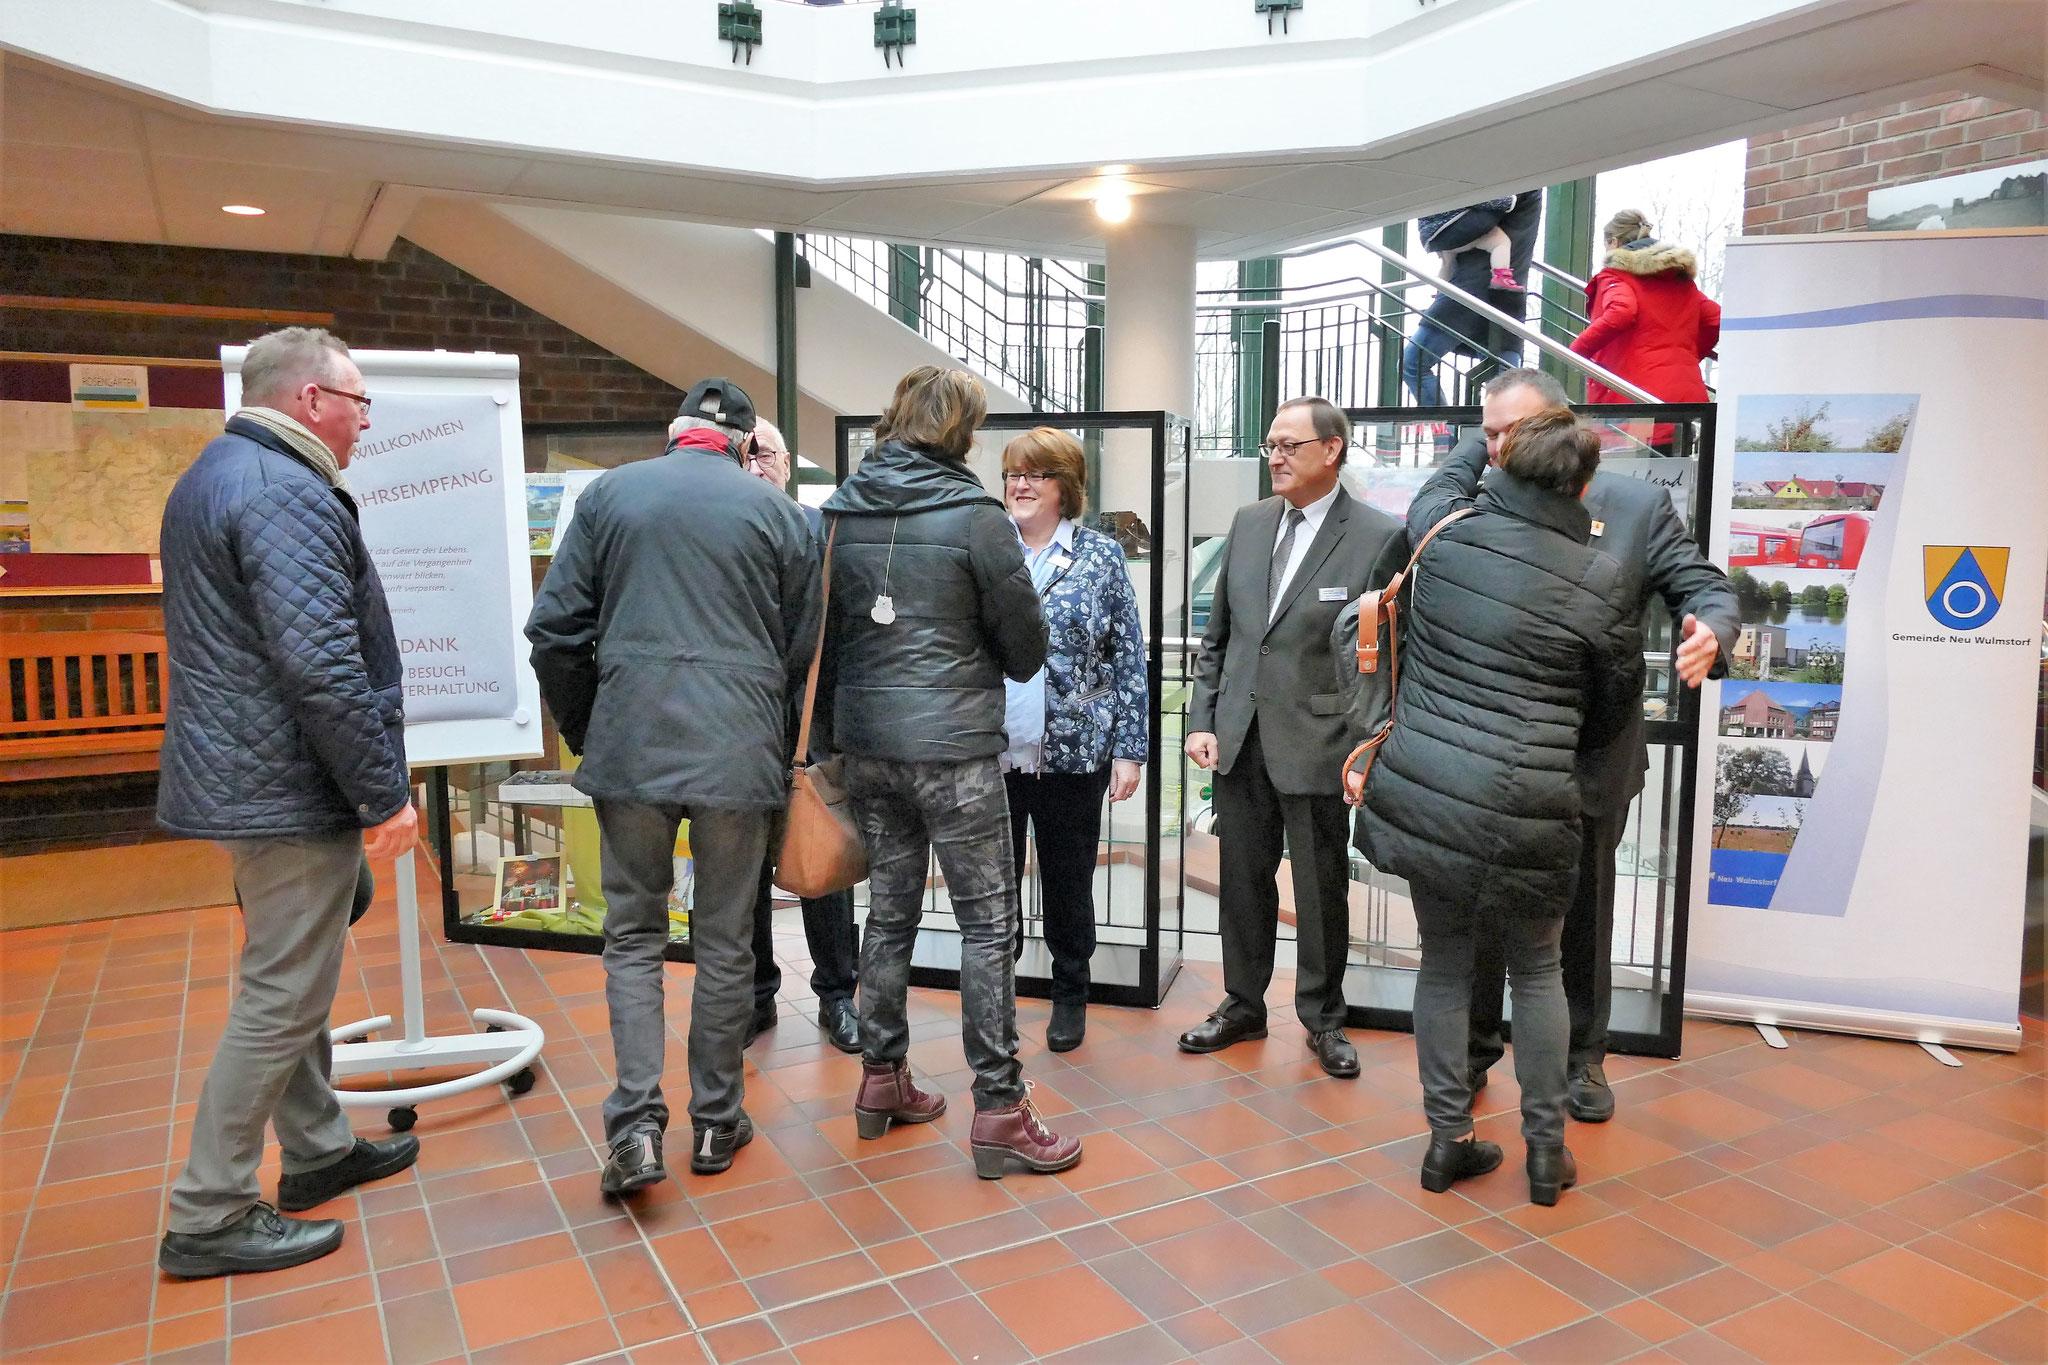 Bürgermeister Wolf-Egbert Rosenzweig und seine Stellvertreter begrüßen die Gäste